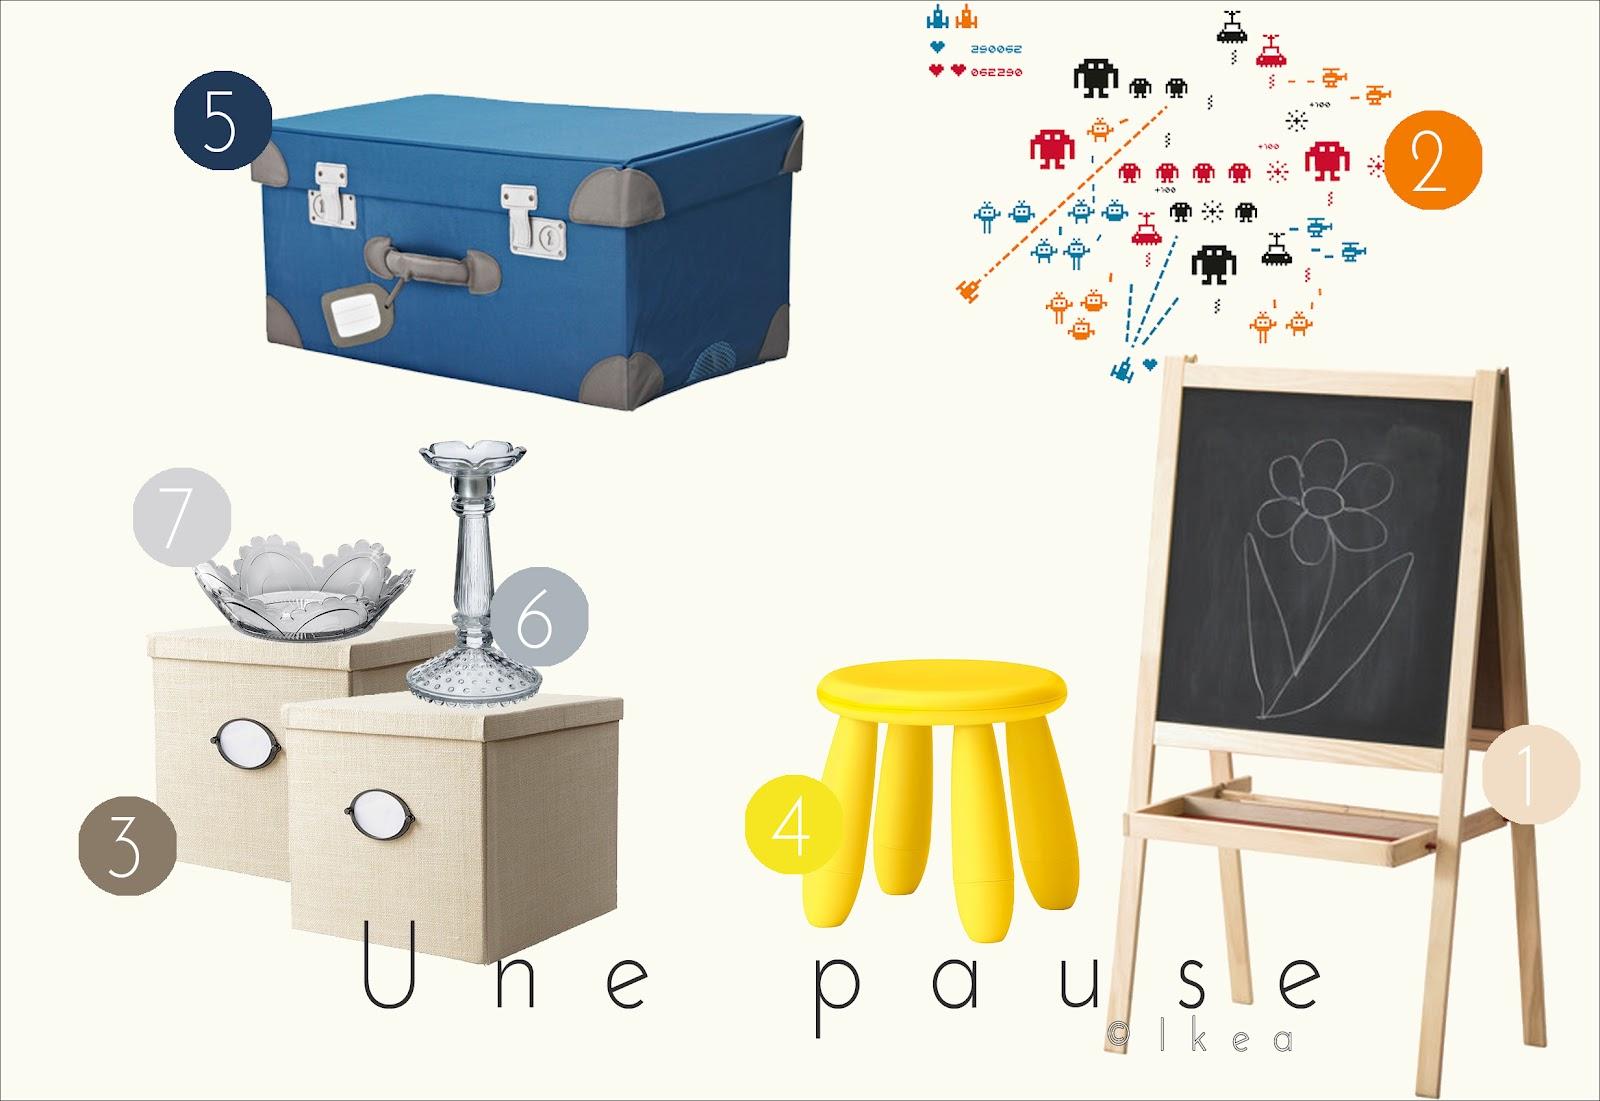 http://1.bp.blogspot.com/-n58SPffEAKg/UD3QzEbk_5I/AAAAAAAAJBU/lBnZP6A4TYQ/s1600/IKEA+pause.jpg